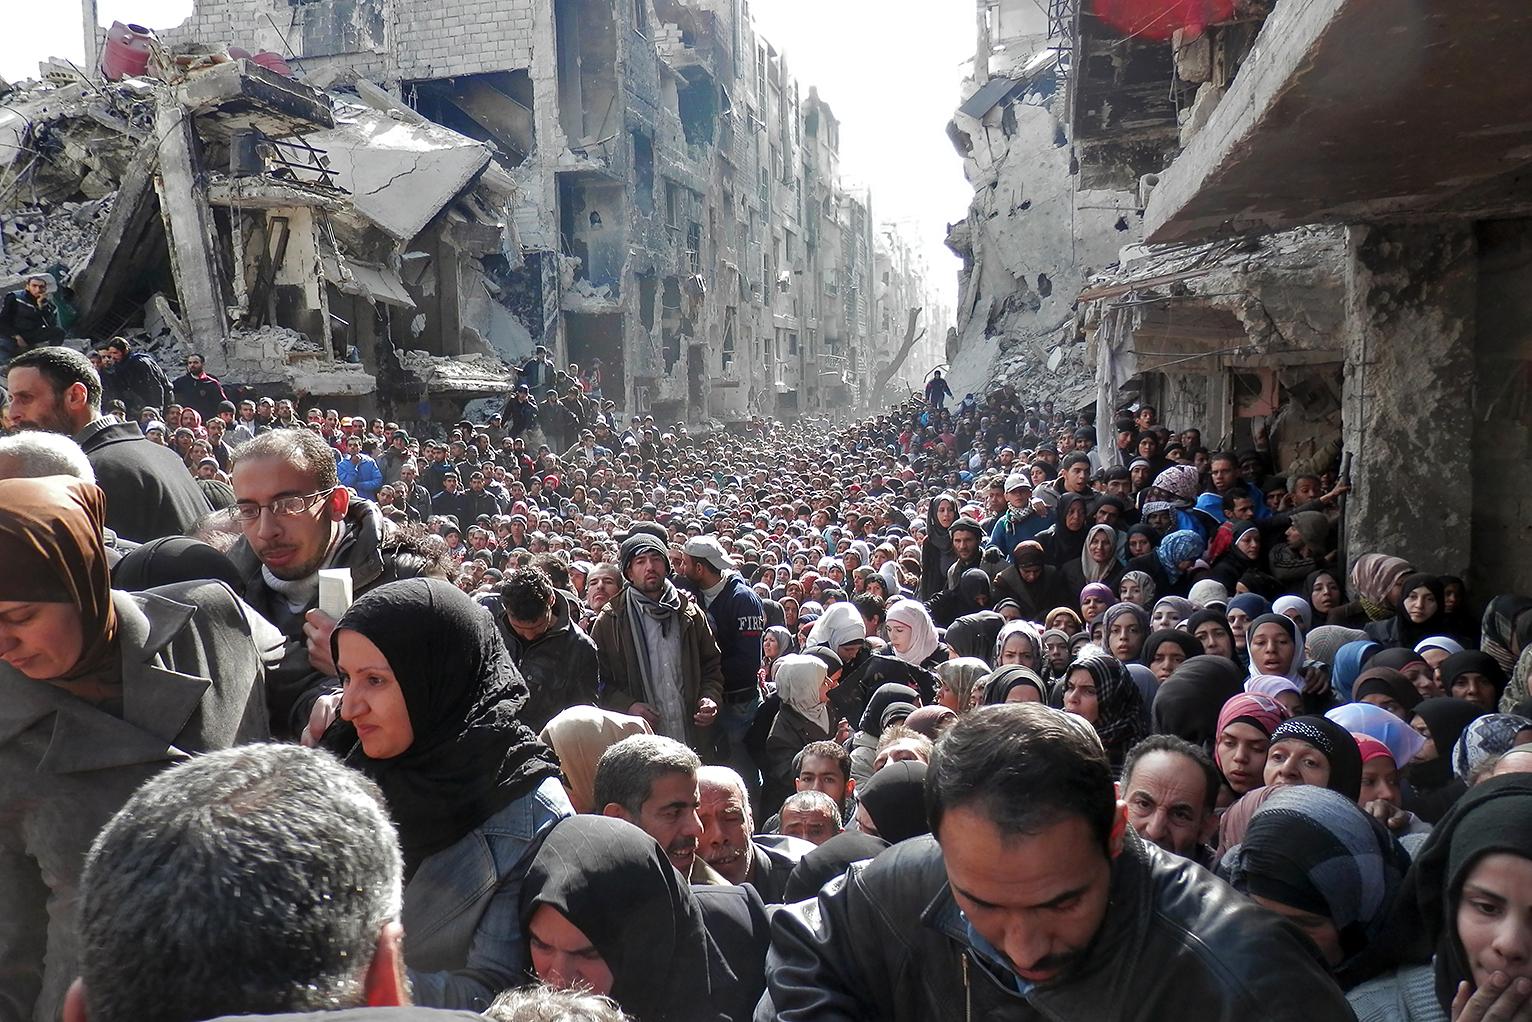 Анхар Кочнева: В Европу сейчас бегут те, кто в Сирии воевал против правительственных войск, убивал и грабил…